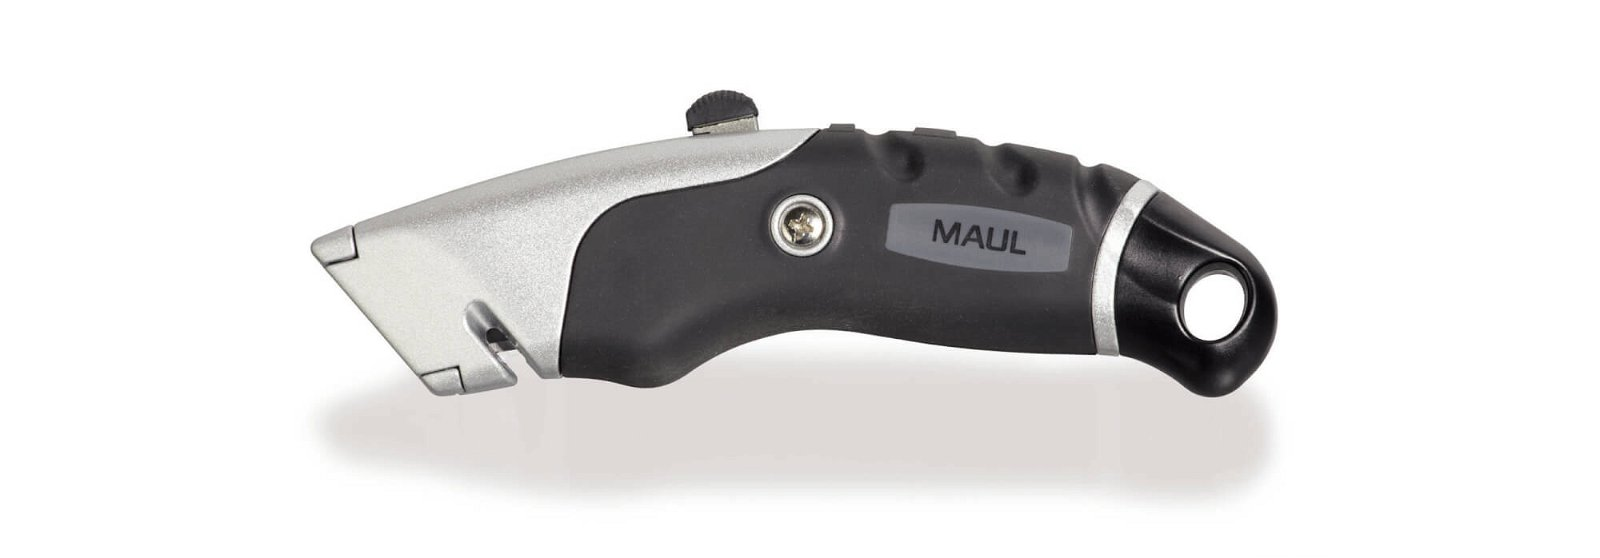 Sicherheitscutter Expert, 19 mm, schwarz